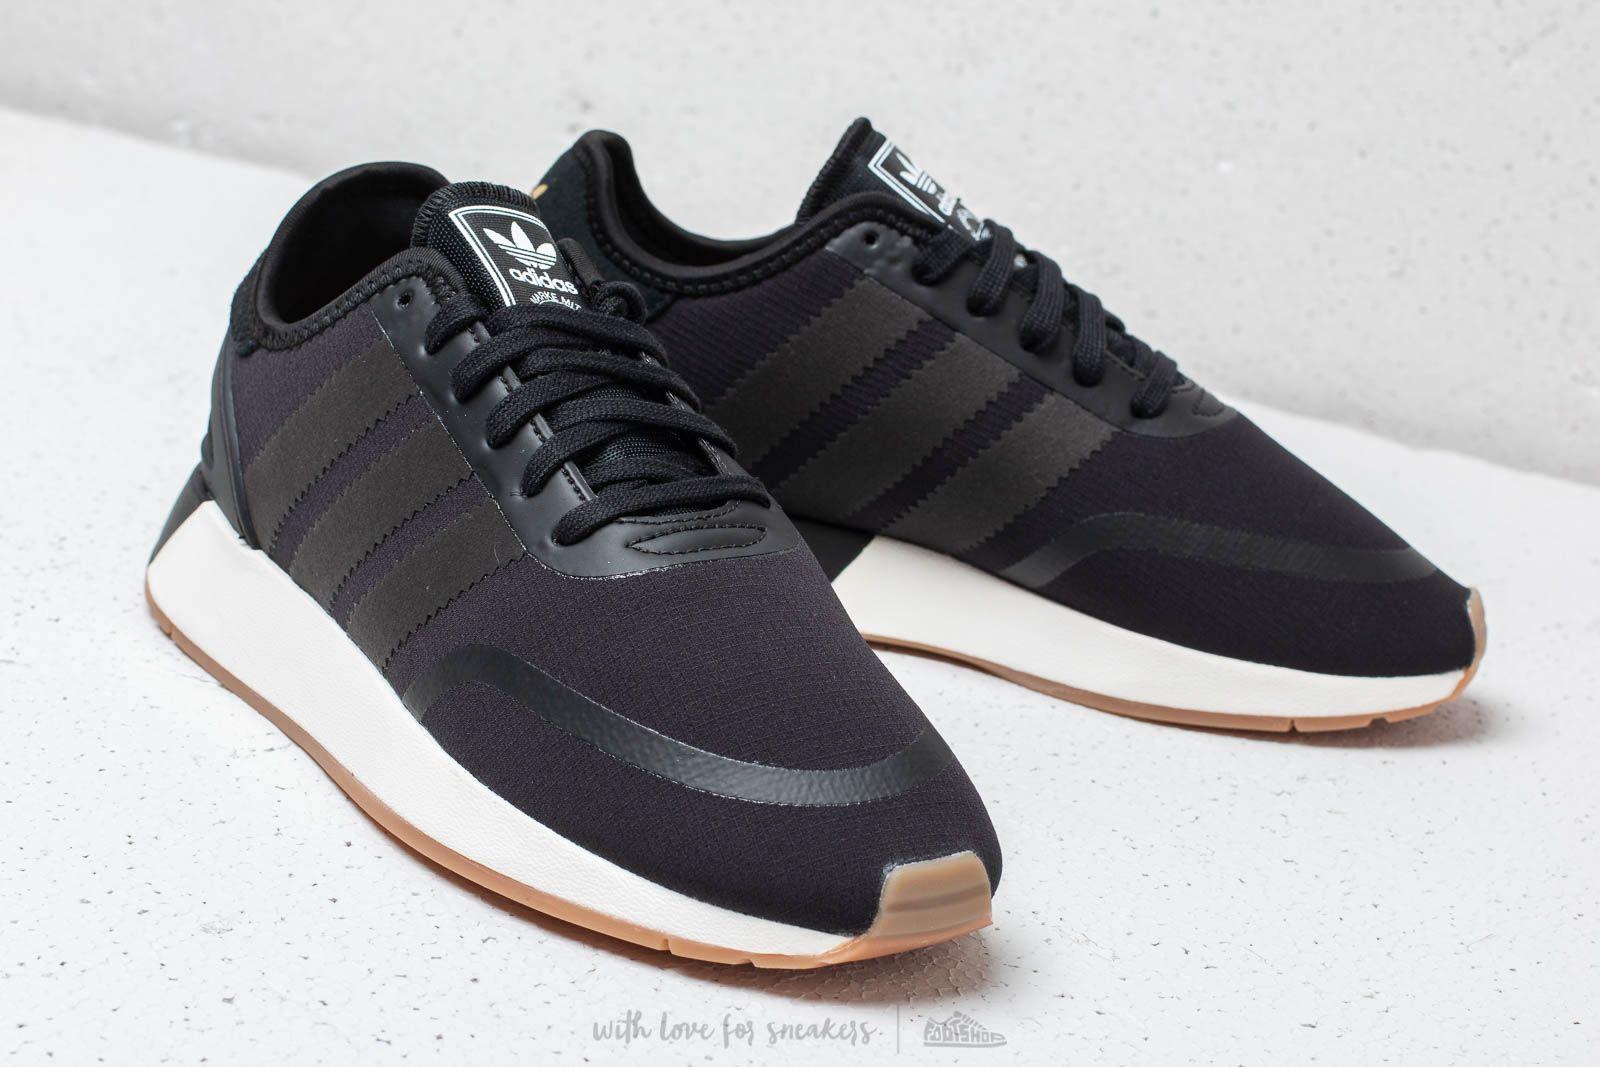 adidas n 5923 w black